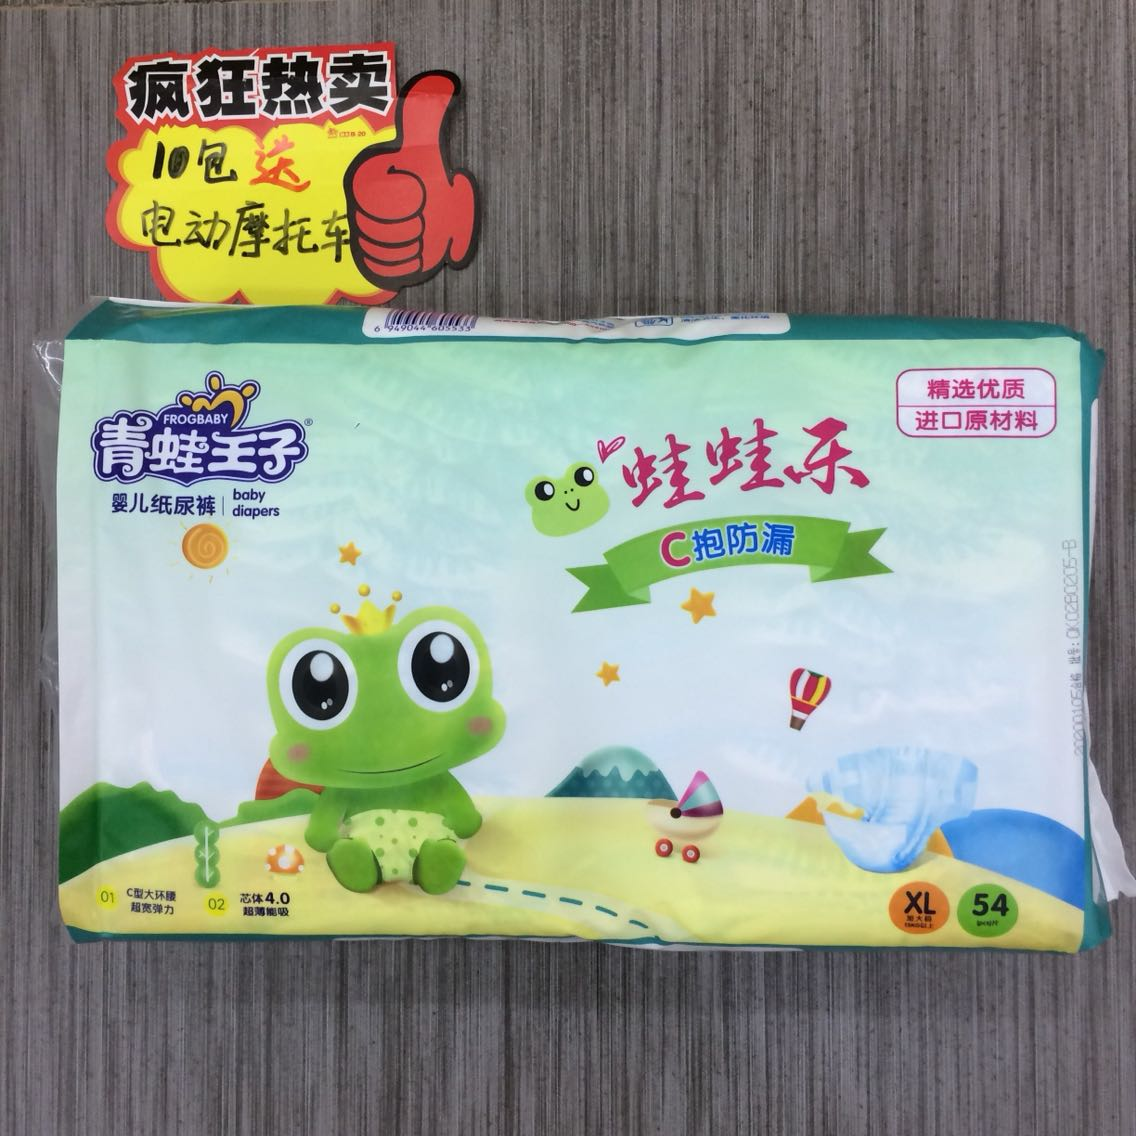 青蛙王子蛙蛙乐C抱防漏婴儿纸尿裤XL54片超薄透气尿不湿加大 包邮